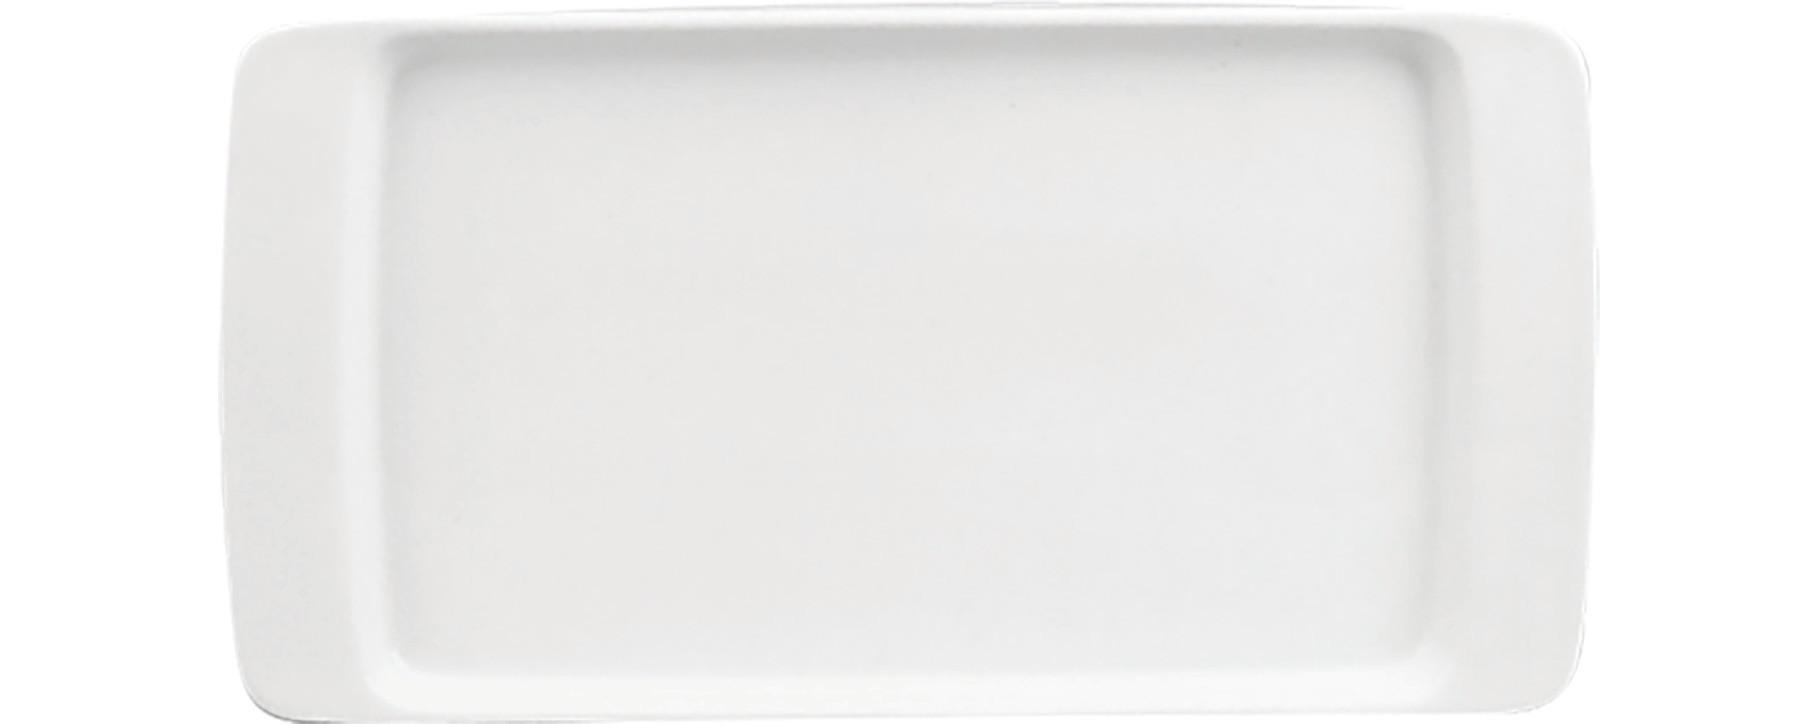 898/598, Platte mit Fahne 291 x 155 mm Form 898